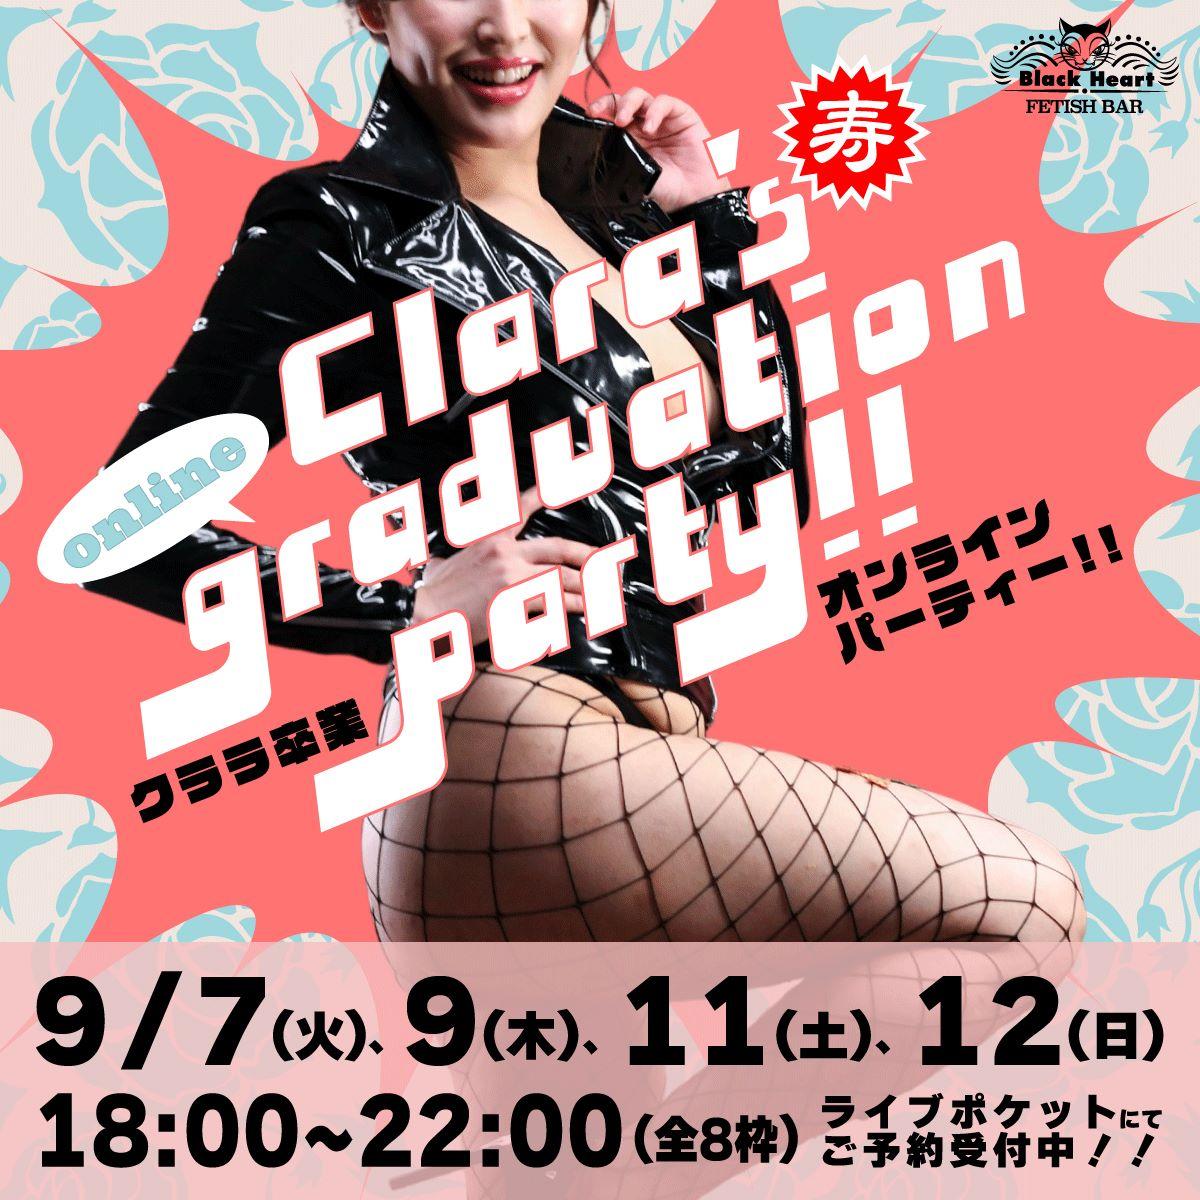 クララのBH卒業&お祝いパーティ [9/16(木)]